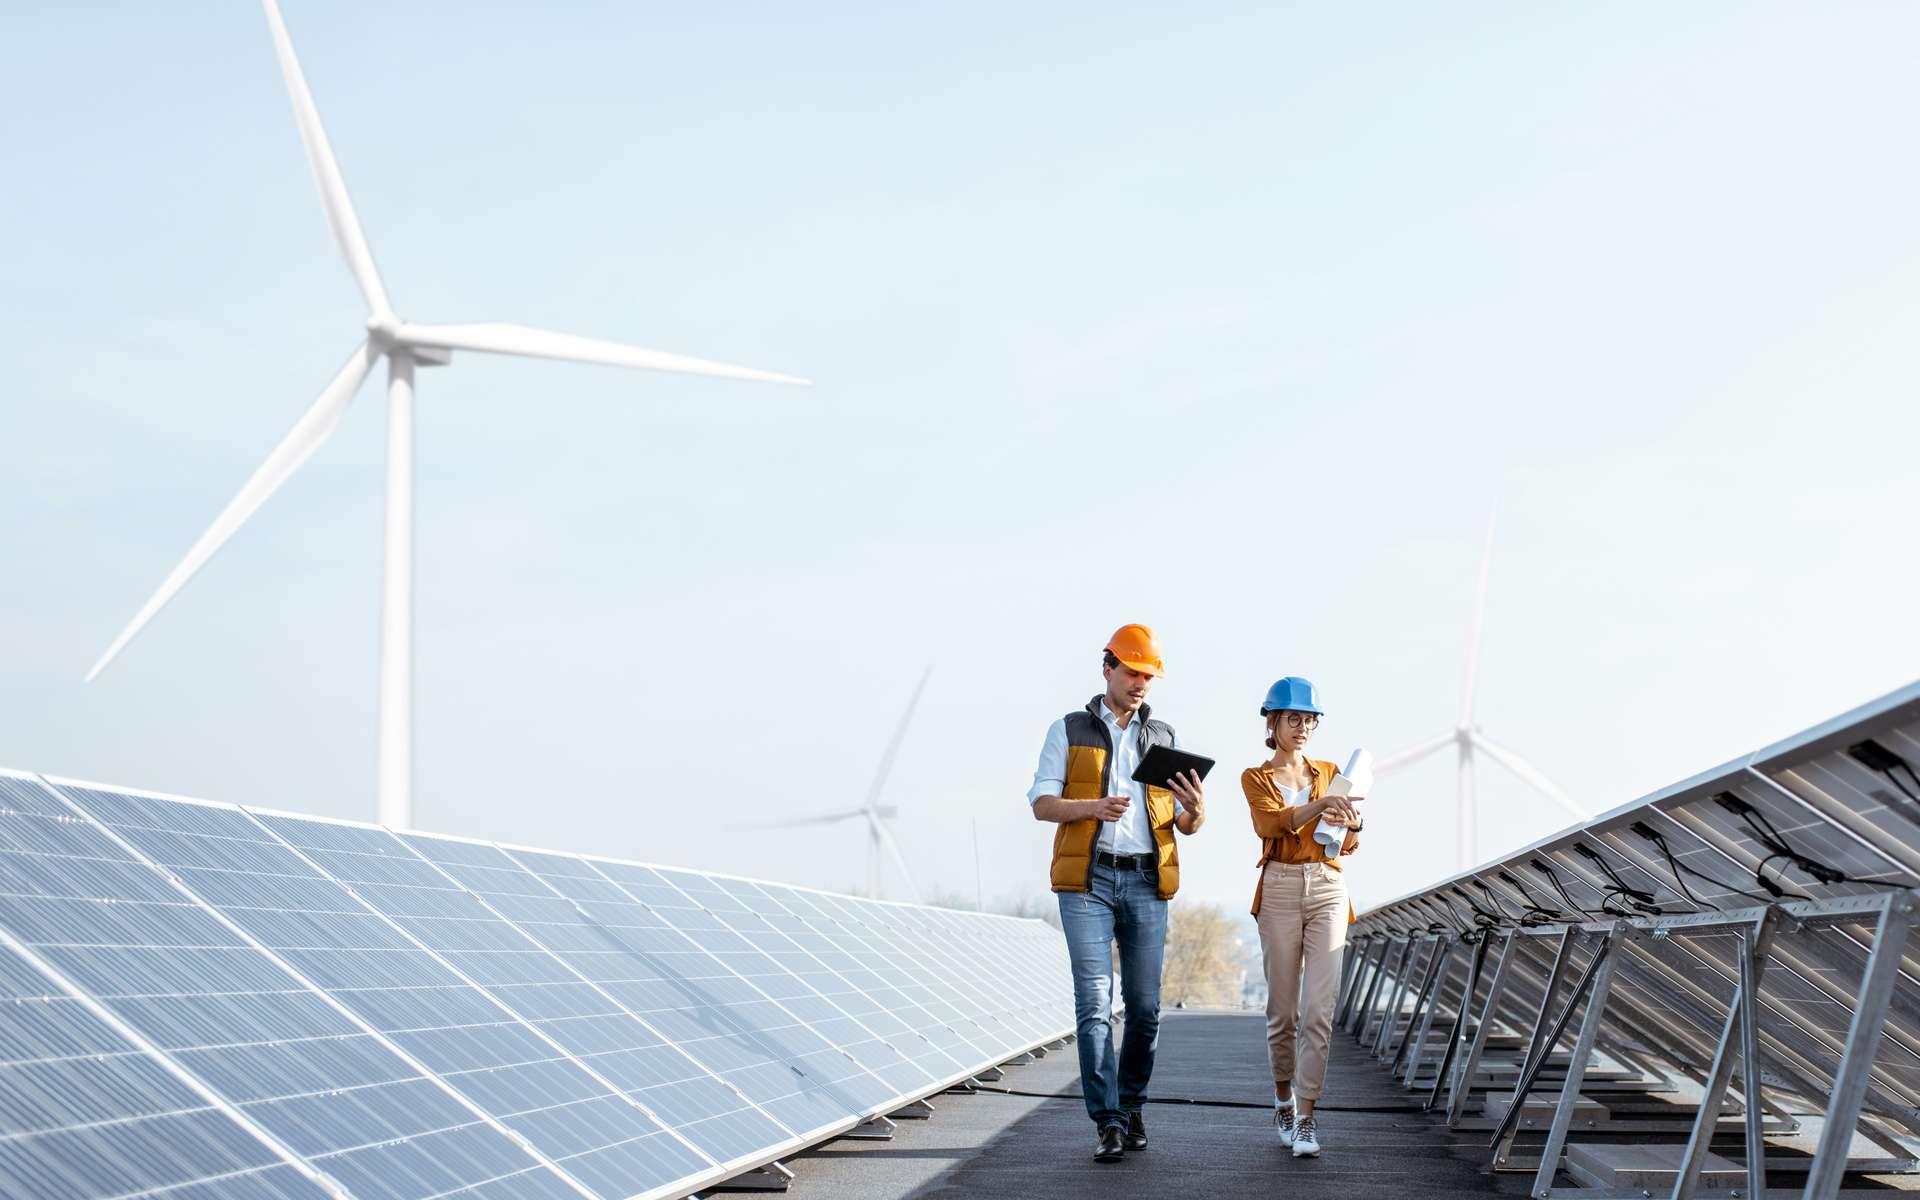 Deux ingénieurs marchant et examinant des panneaux photovoltaïques. © rh2010, Adobe Stock.